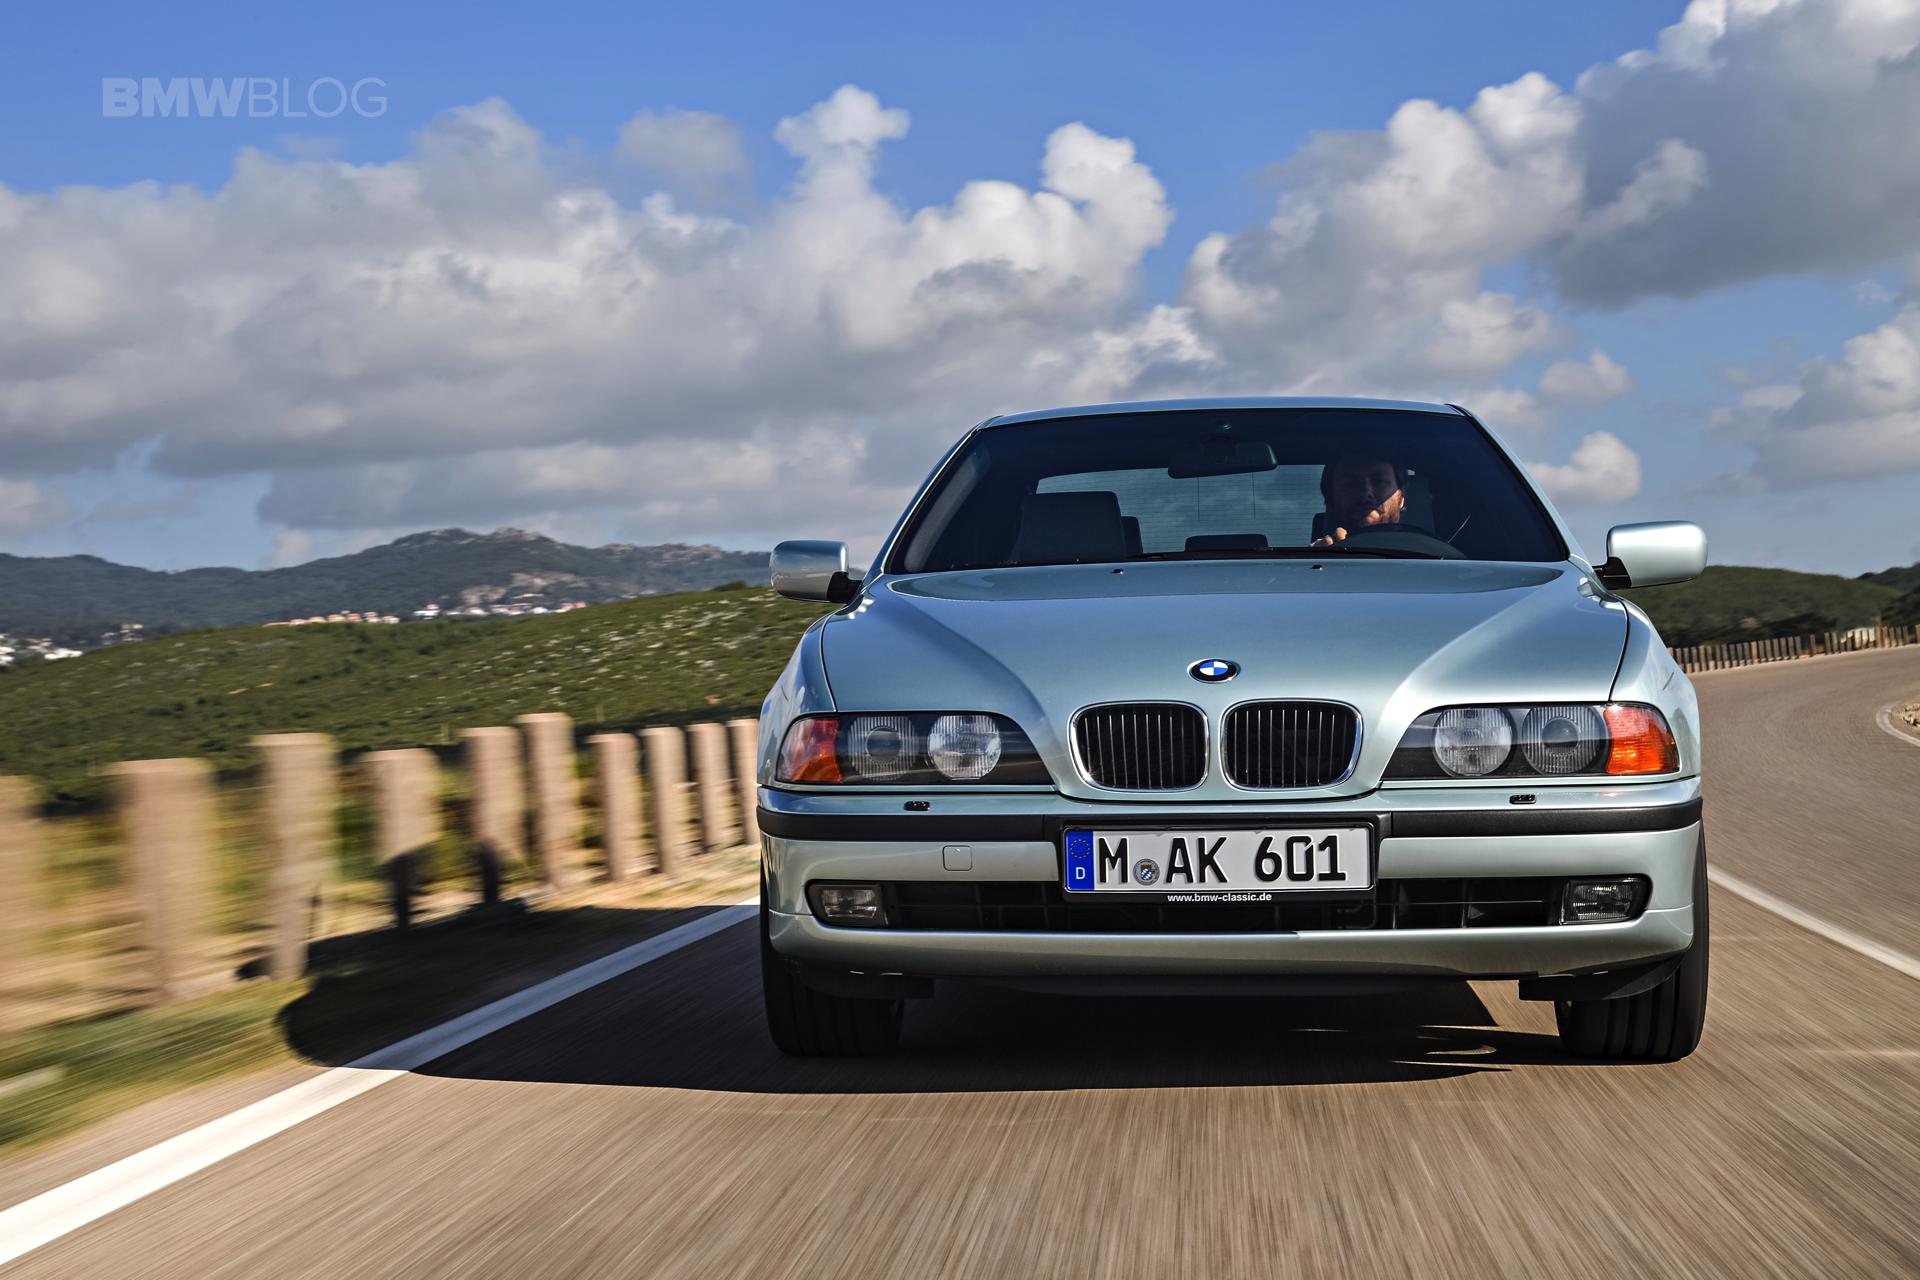 BMW E39 5 Series photos 32